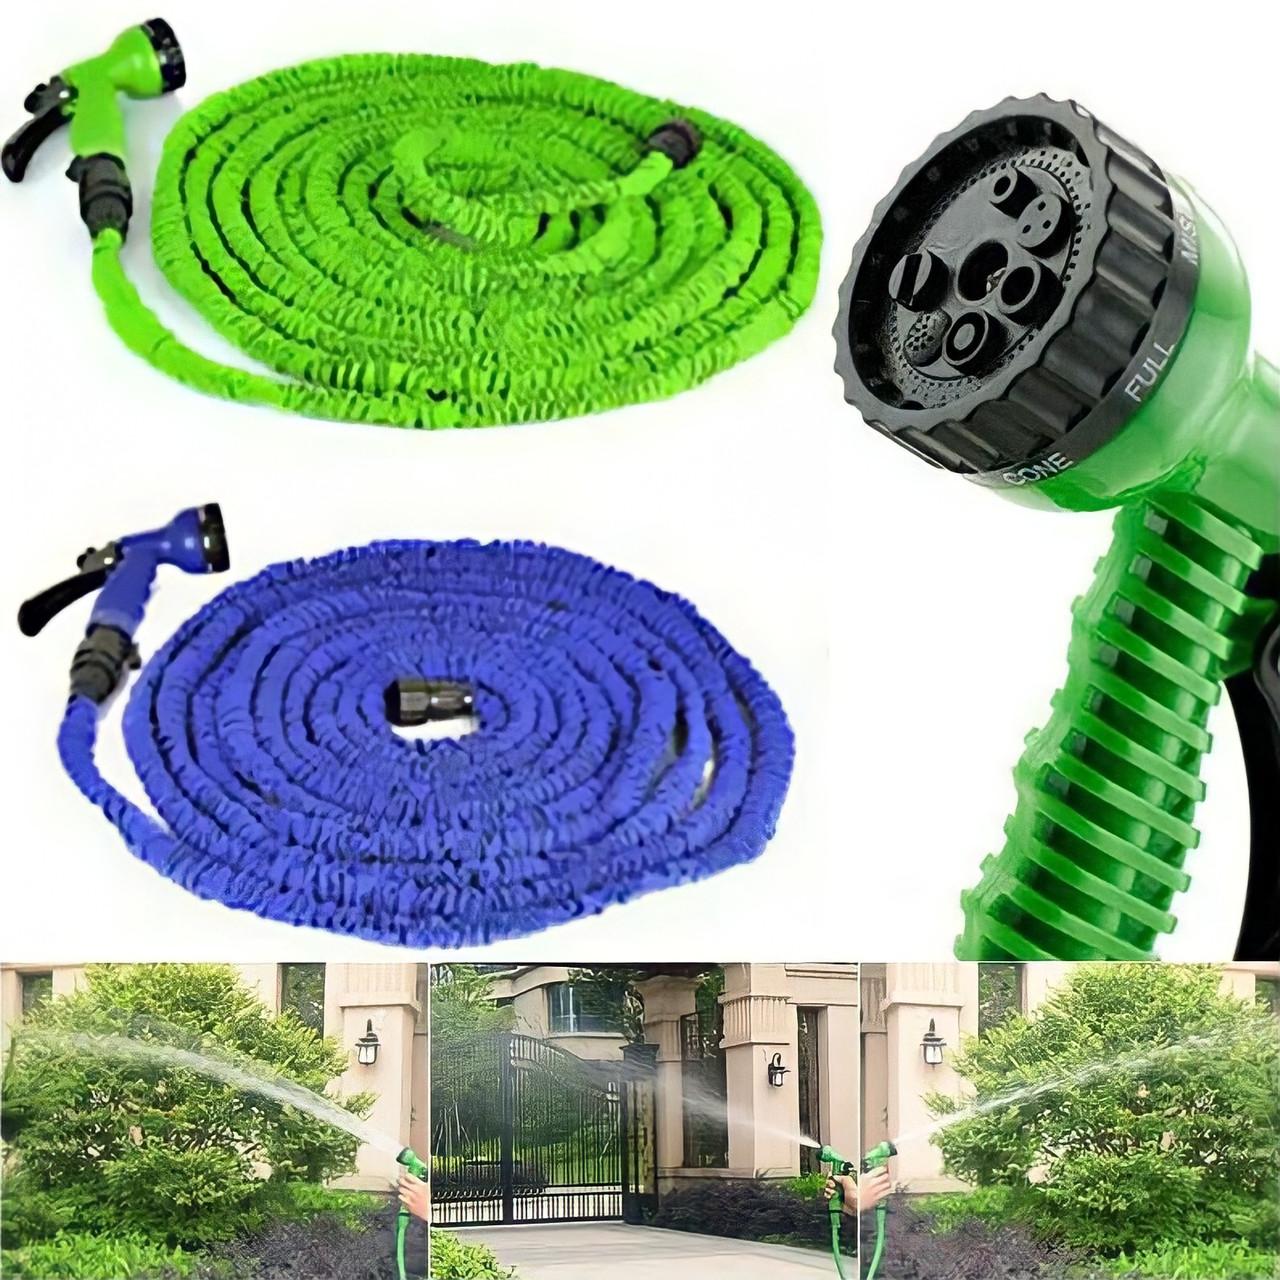 Шланг поливочный X-hose для сада 7,5 м    Хhose шланг для полива с насадкой распылителем 7 режимов